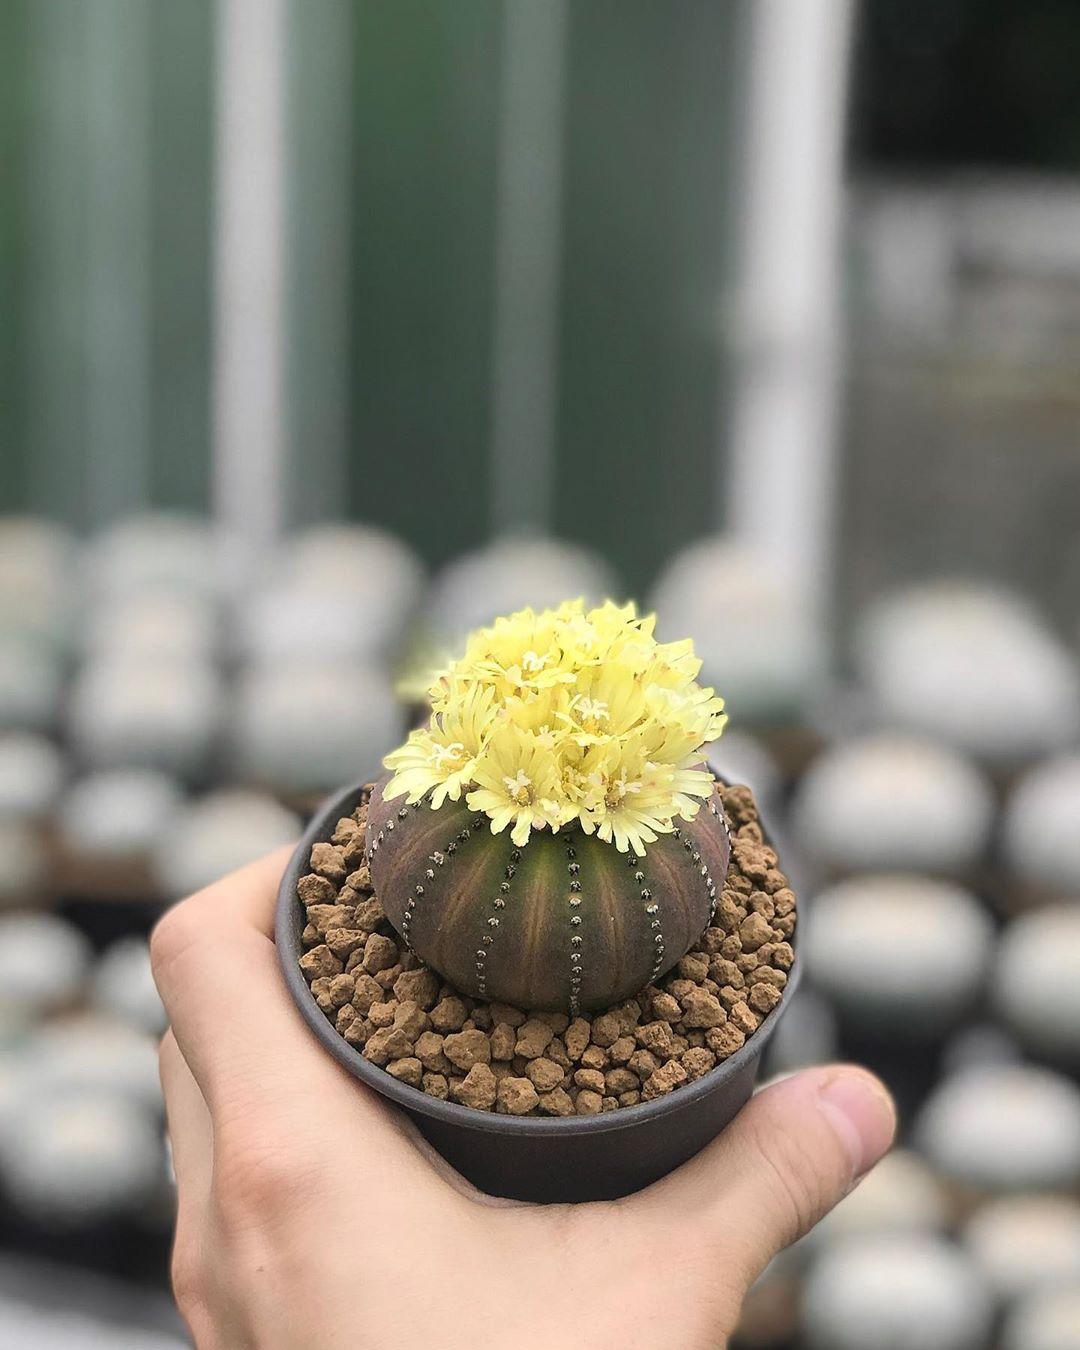 Кактусы и пустынные растения на снимках Ваширапола Дипрома